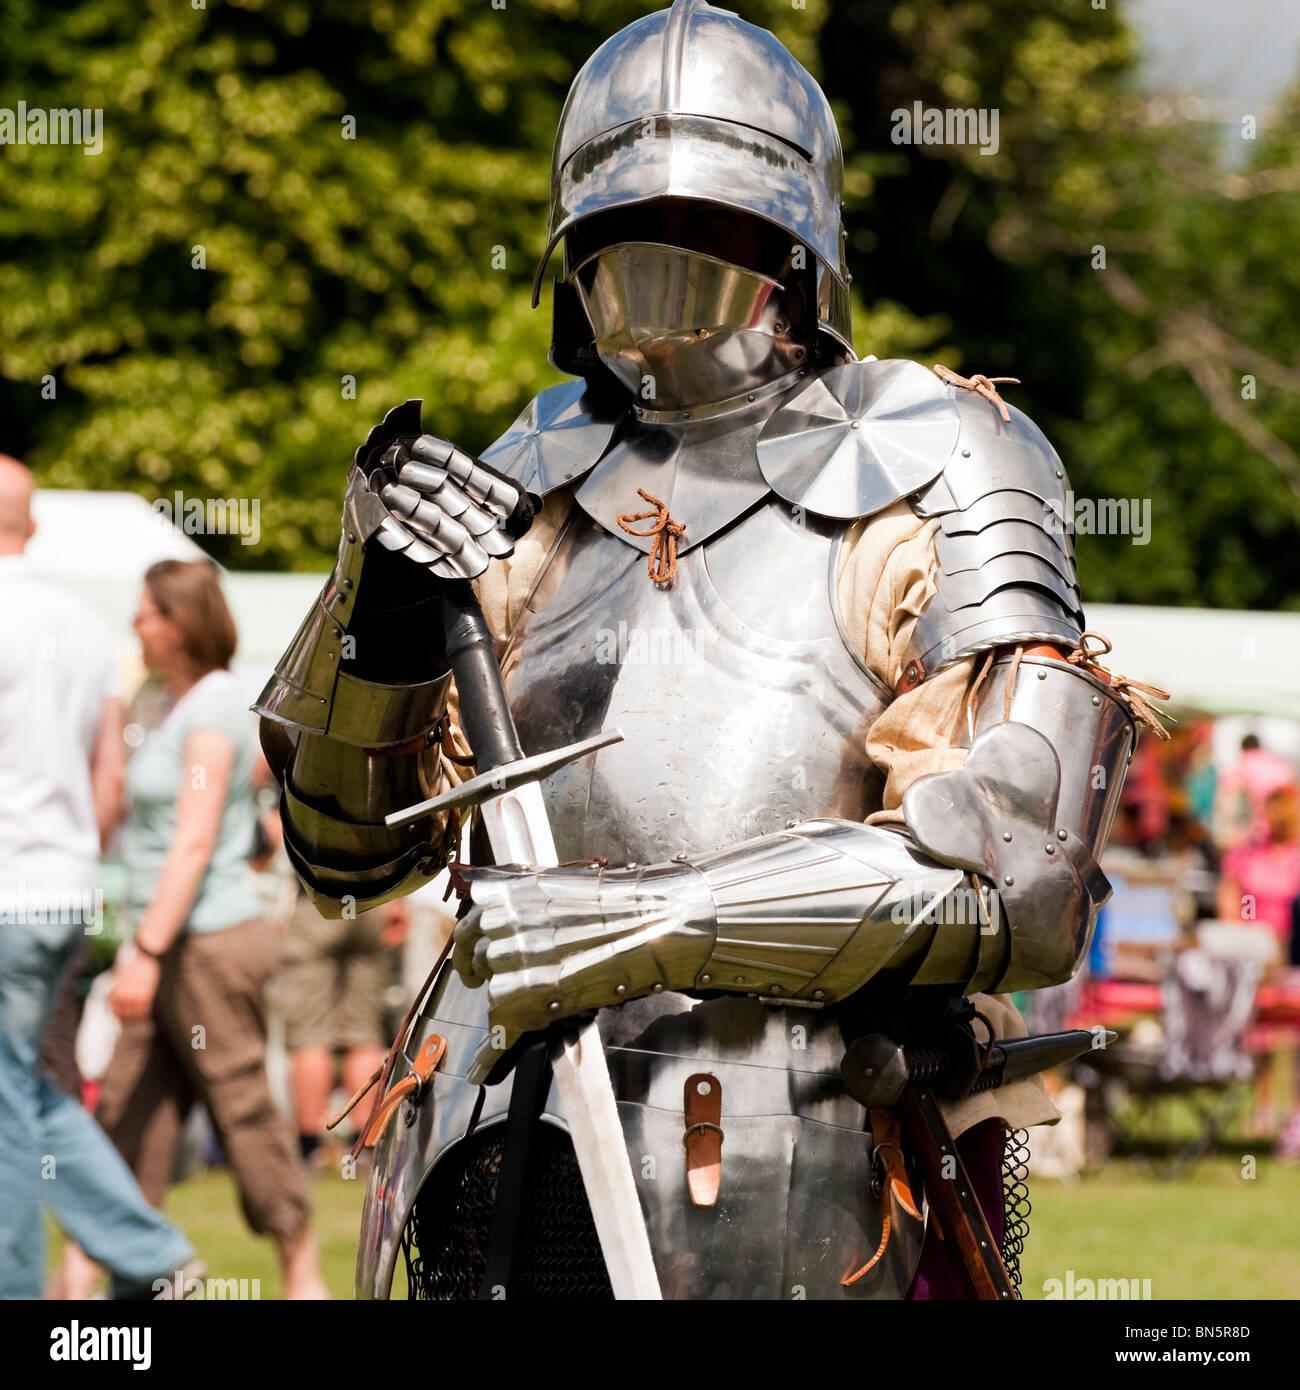 Mann in Rüstung auf dem Castle Green, Hereford, Großbritannien. Mittelalterlichen Reenactment Ritter mit Stockbild